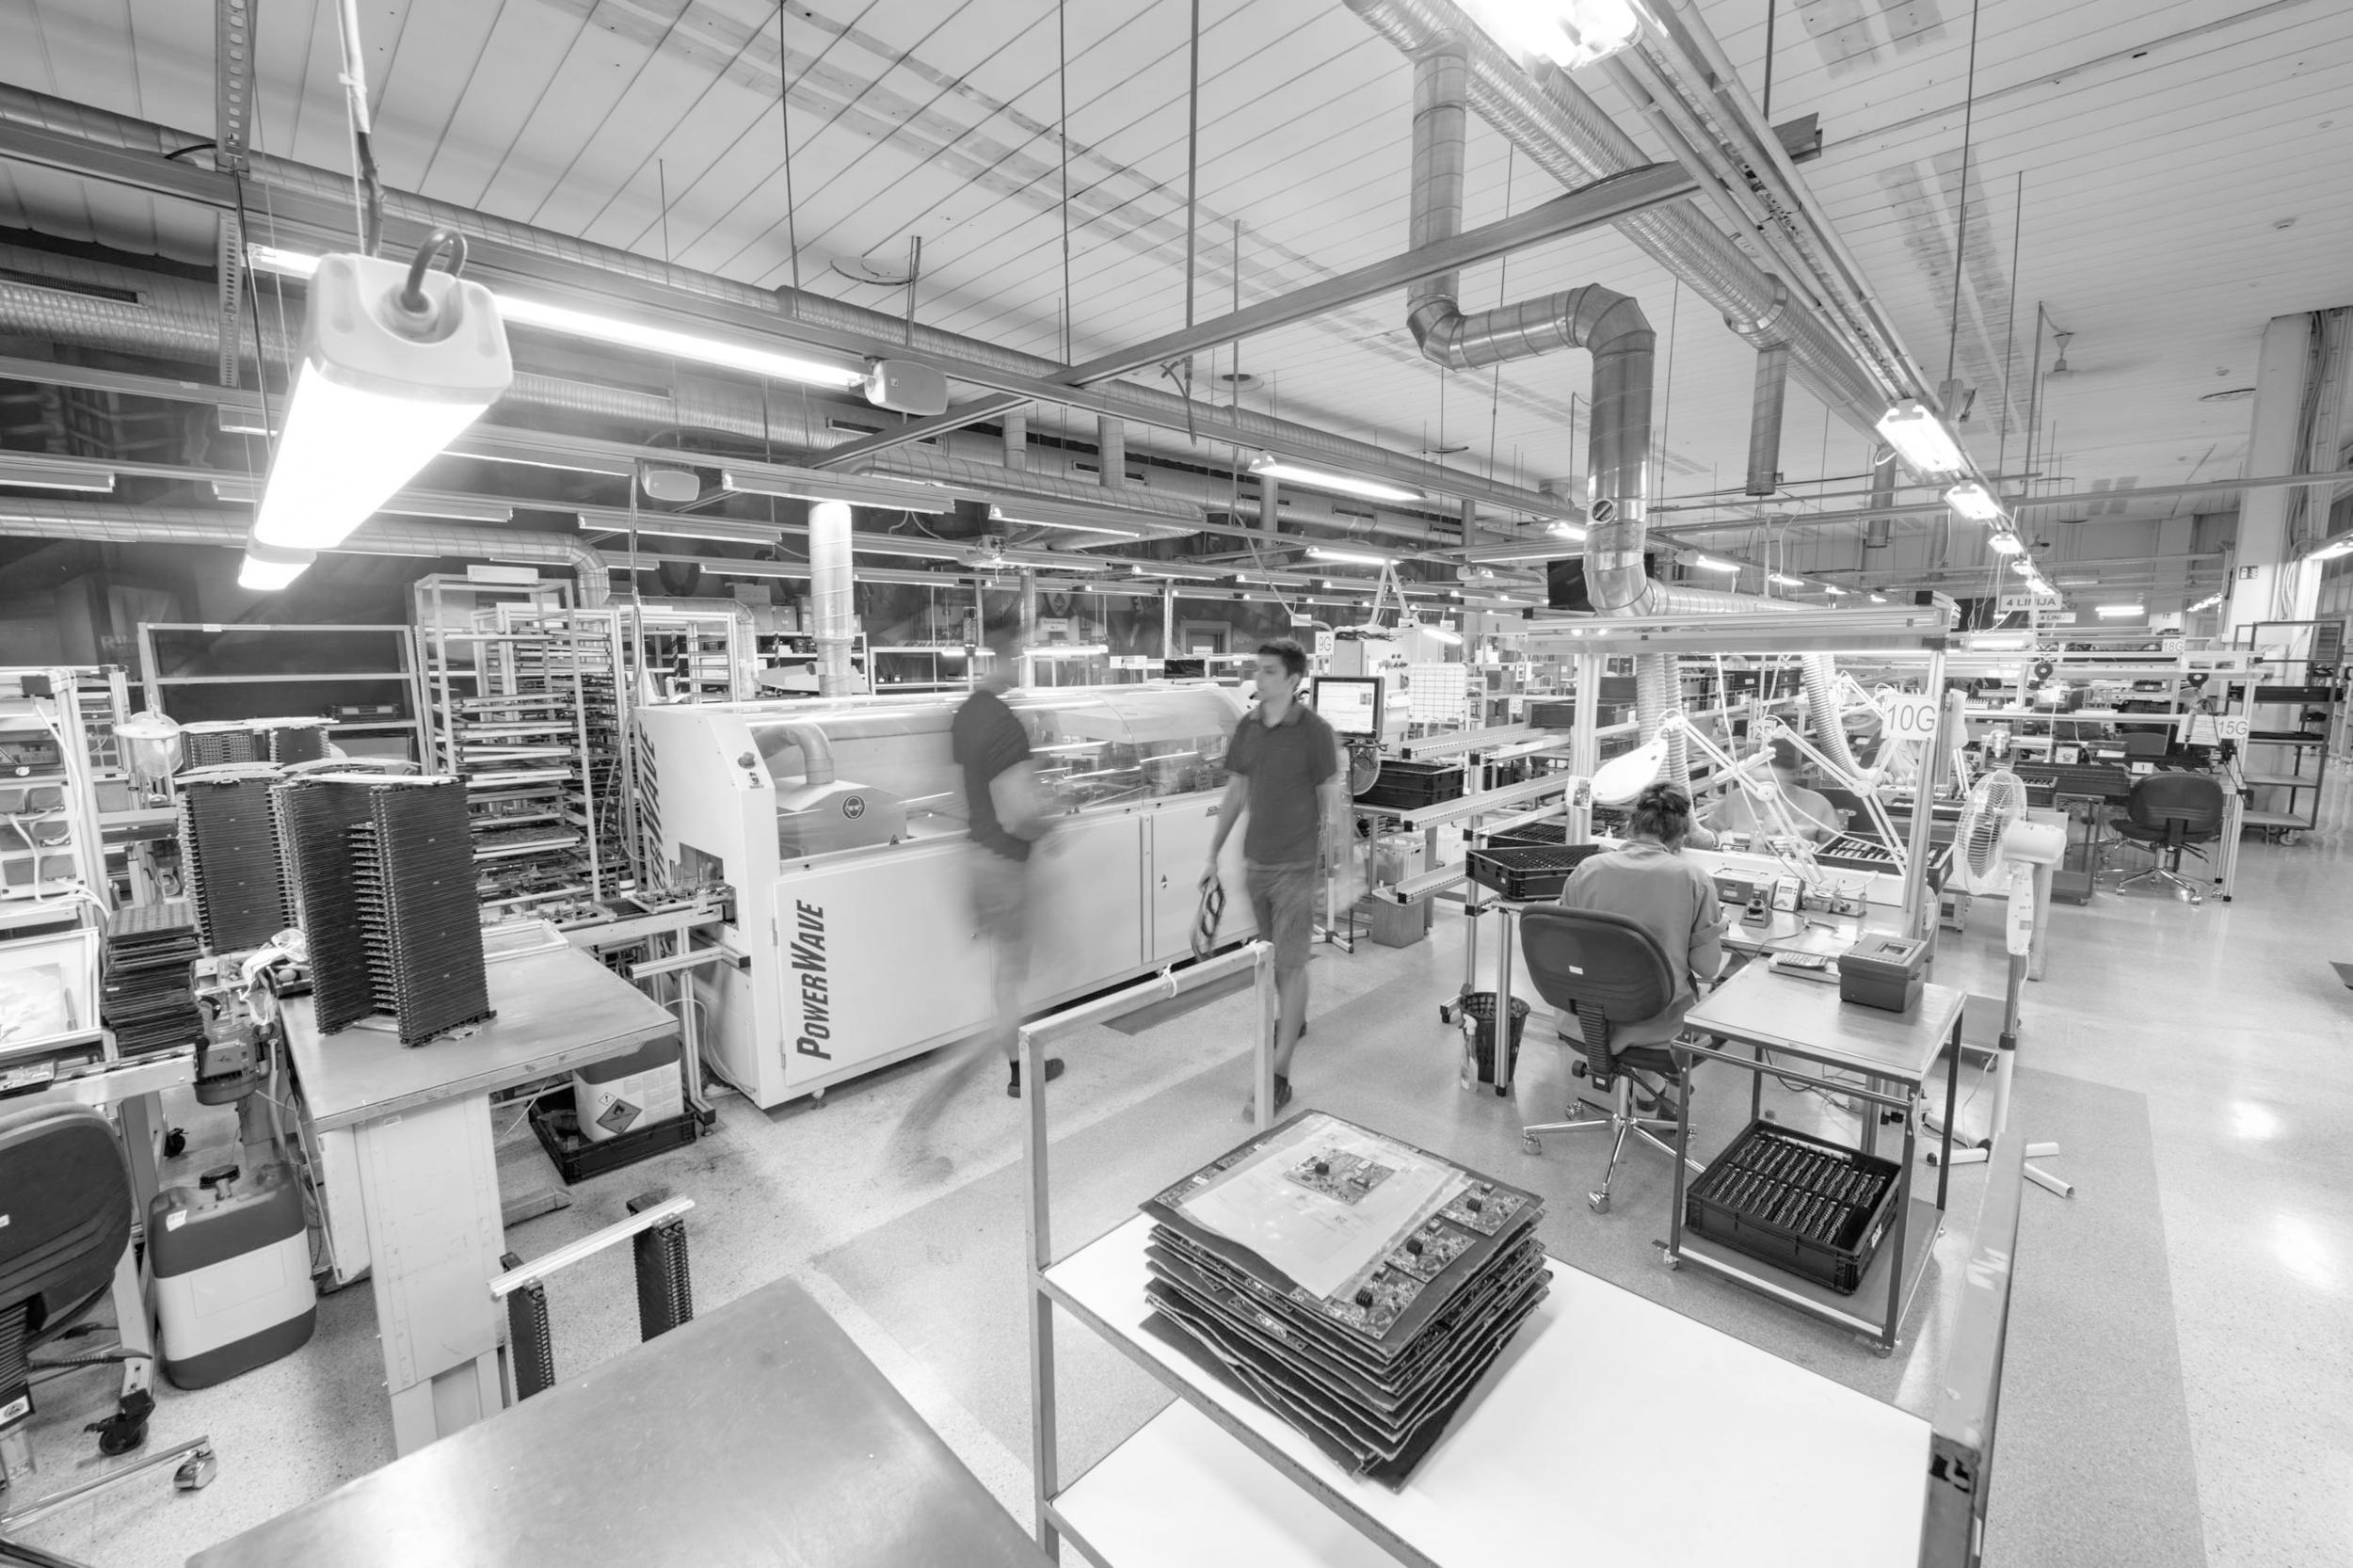 Paslaugos - Siekdami patenkinti elektronikos prietaisų gamintojų ir produktų vartotojų lūkesčius, teikiame kompleksines elektronikos surinkimo paslaugas pritaikydami individualius, geriausiai tinkančius sprendimus.